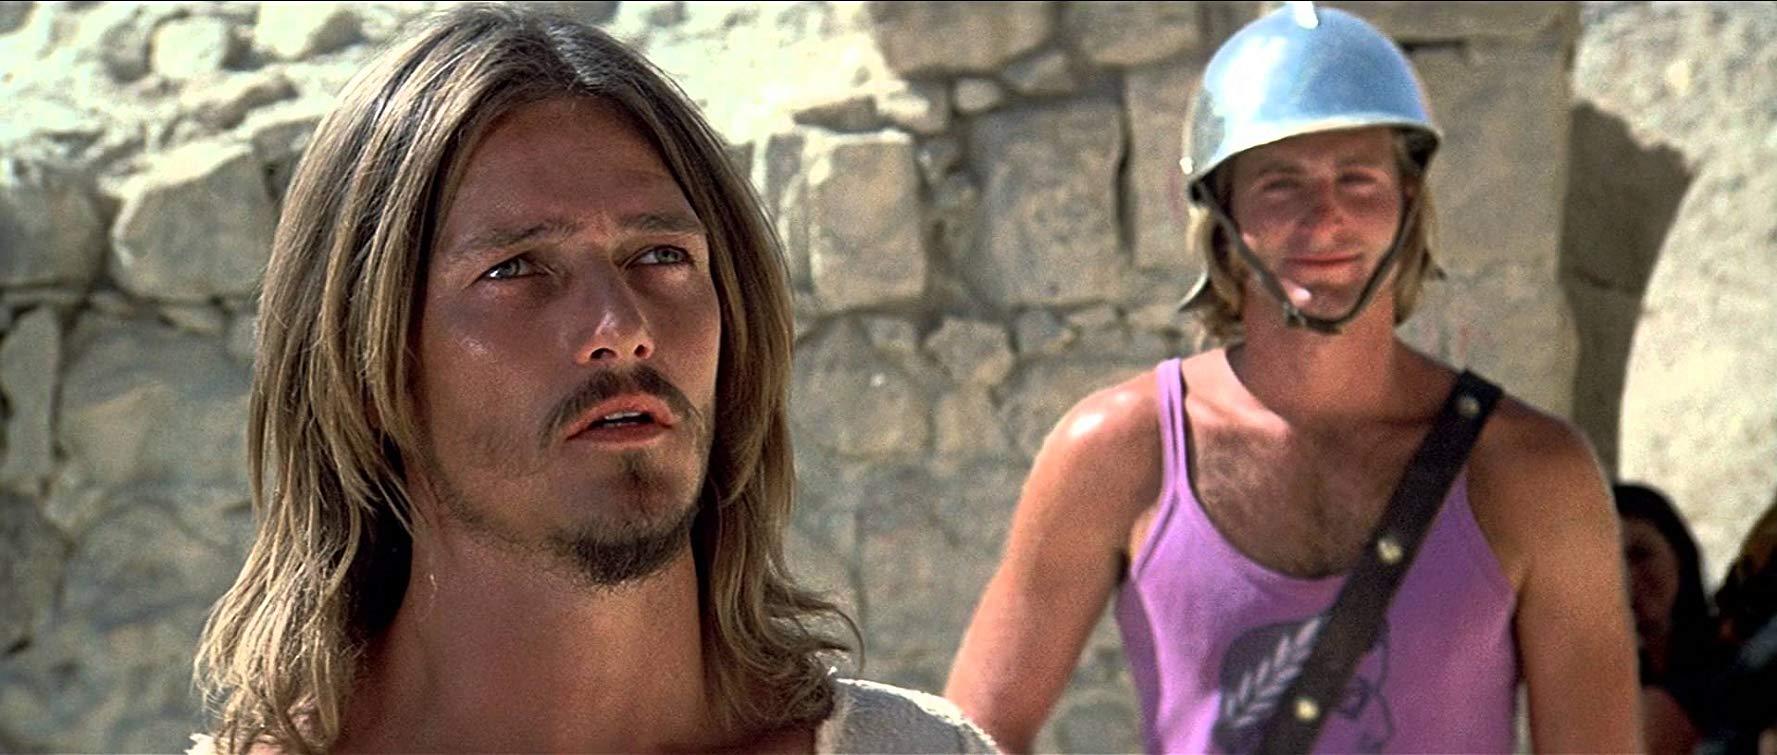 Иисус Христос – суперзвезда мюзикл